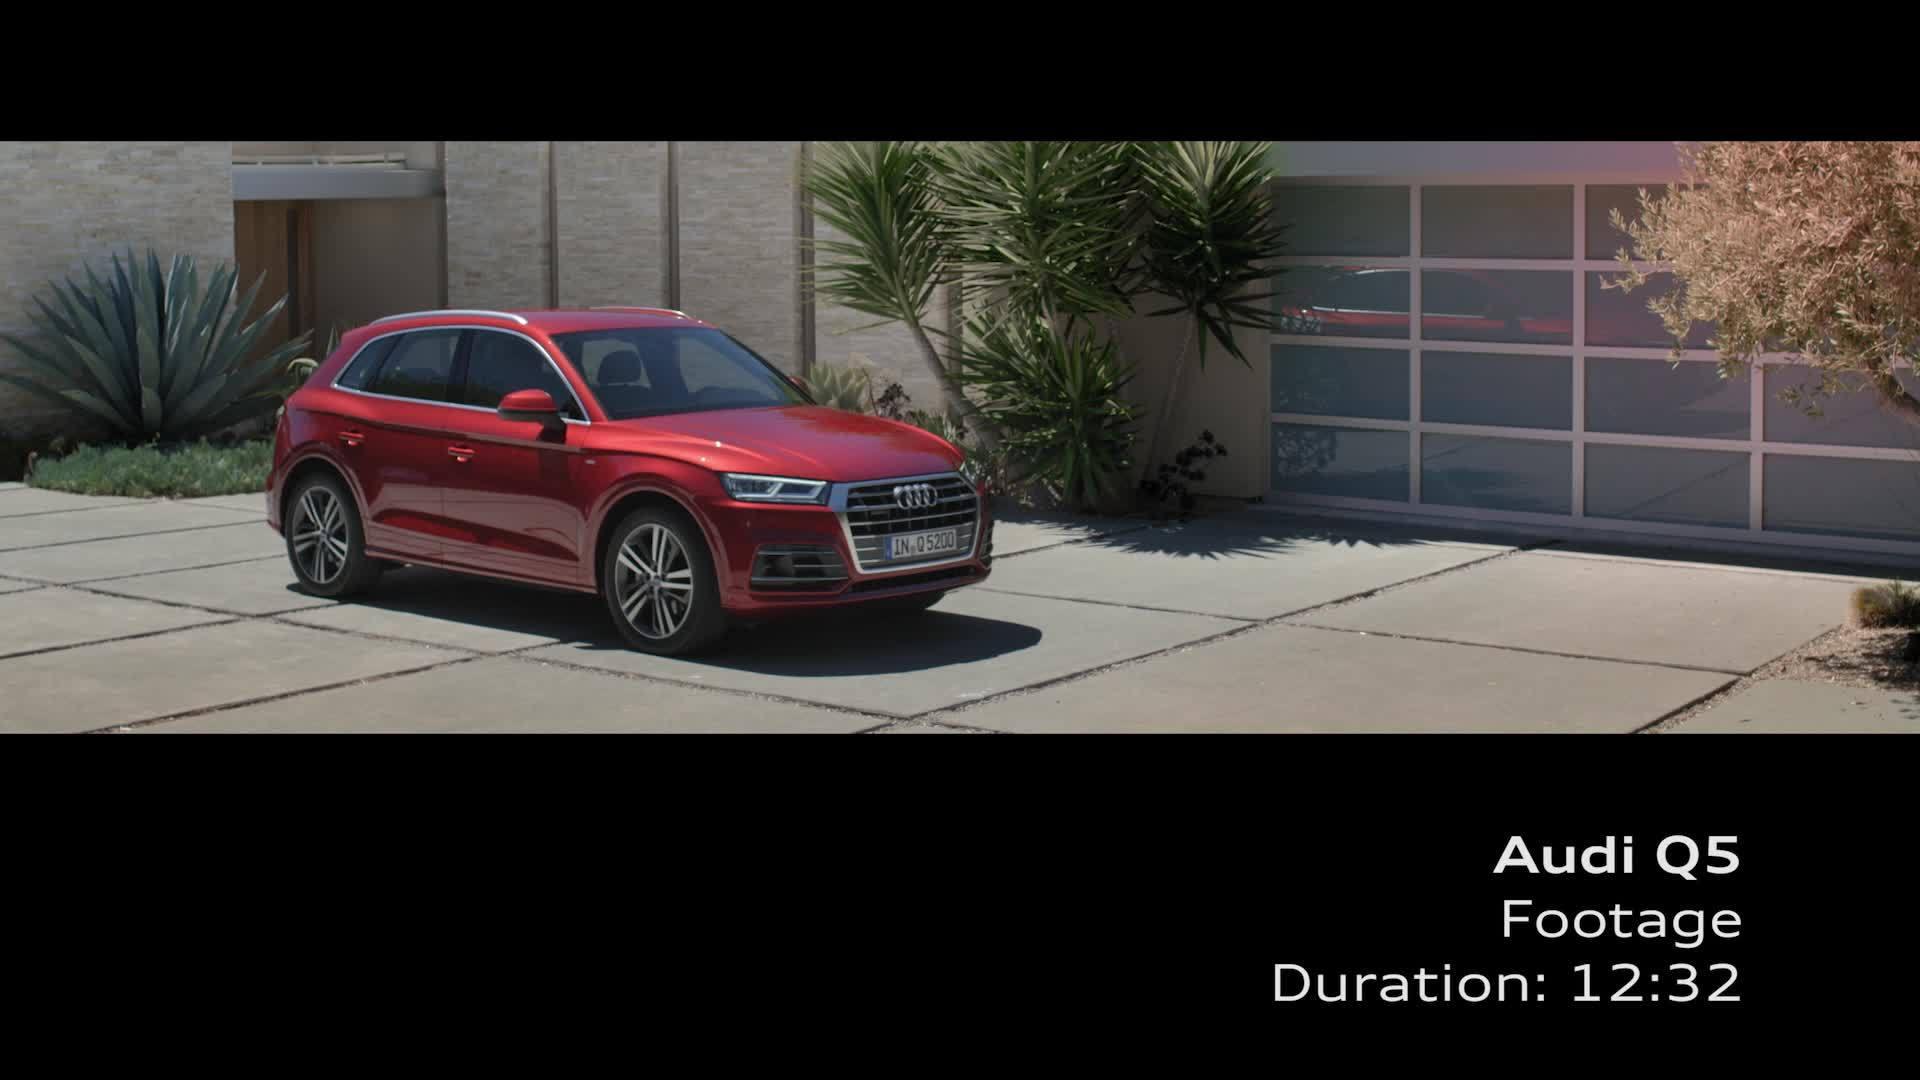 Audi Q5 - Footage Granatrot